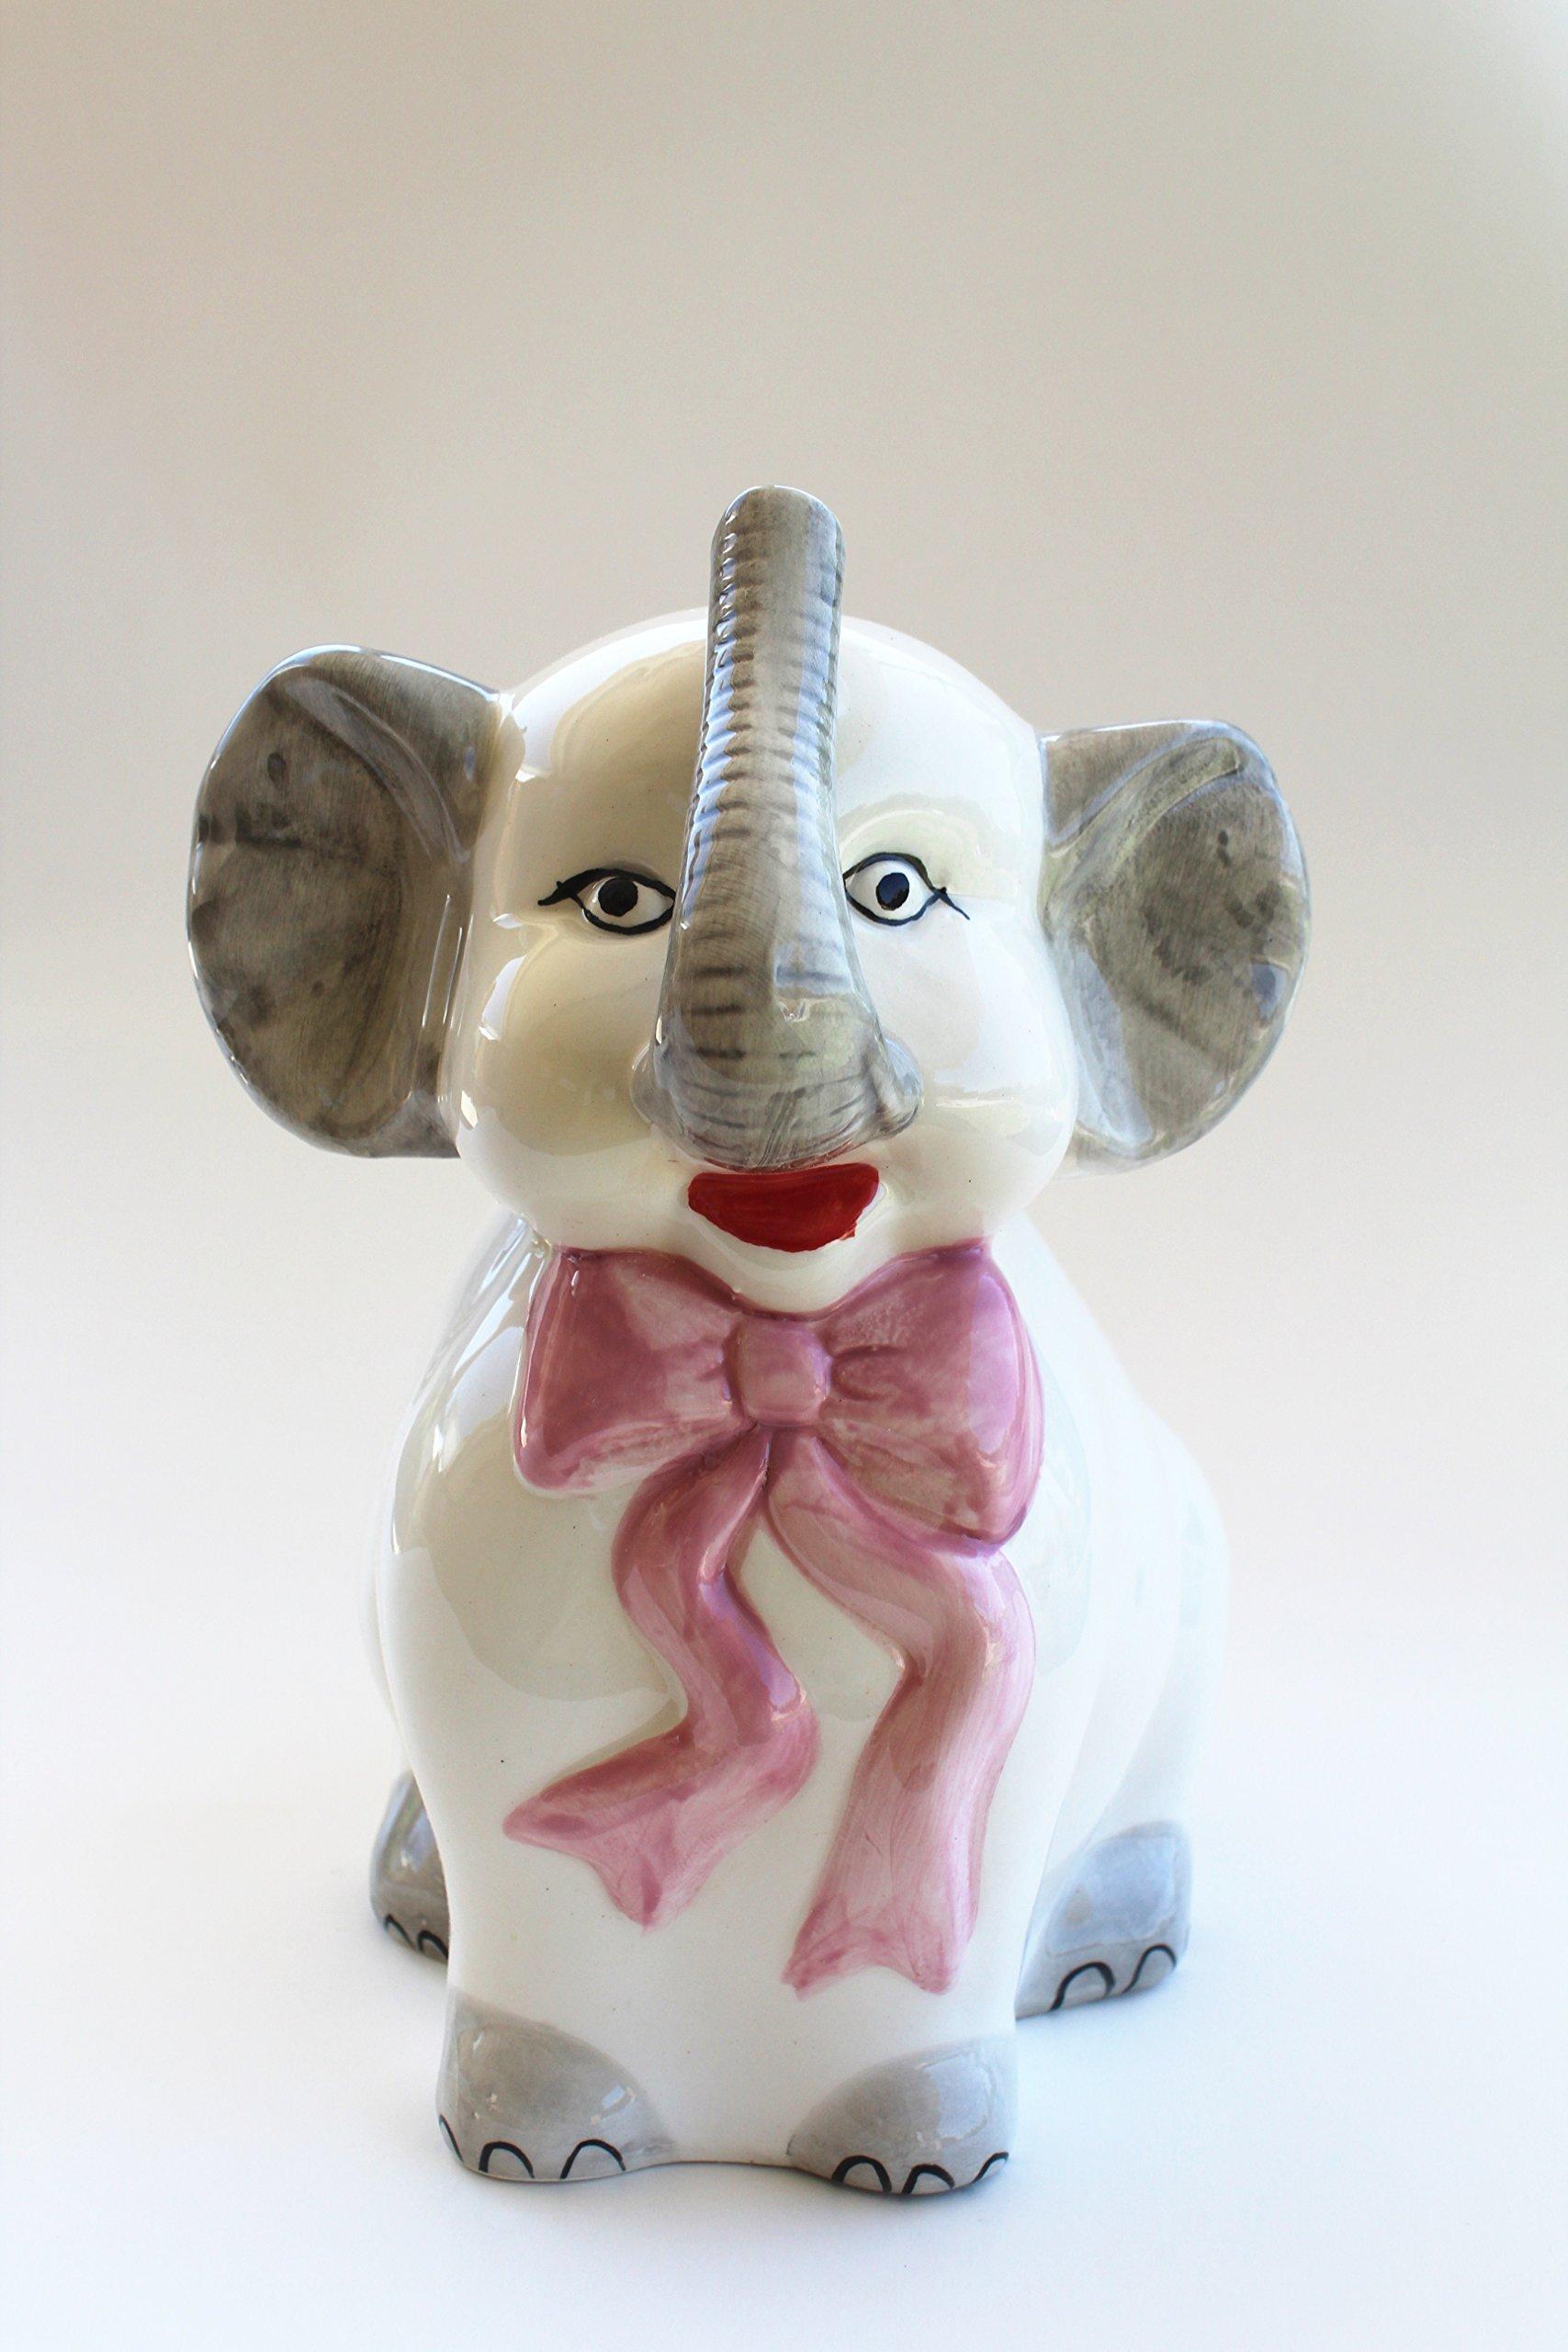 Eskyshop Elegant Cute Ceramic Kitty Cat Bear Dog Elephant Toilet Brush and Holder With Brush (Elephant)